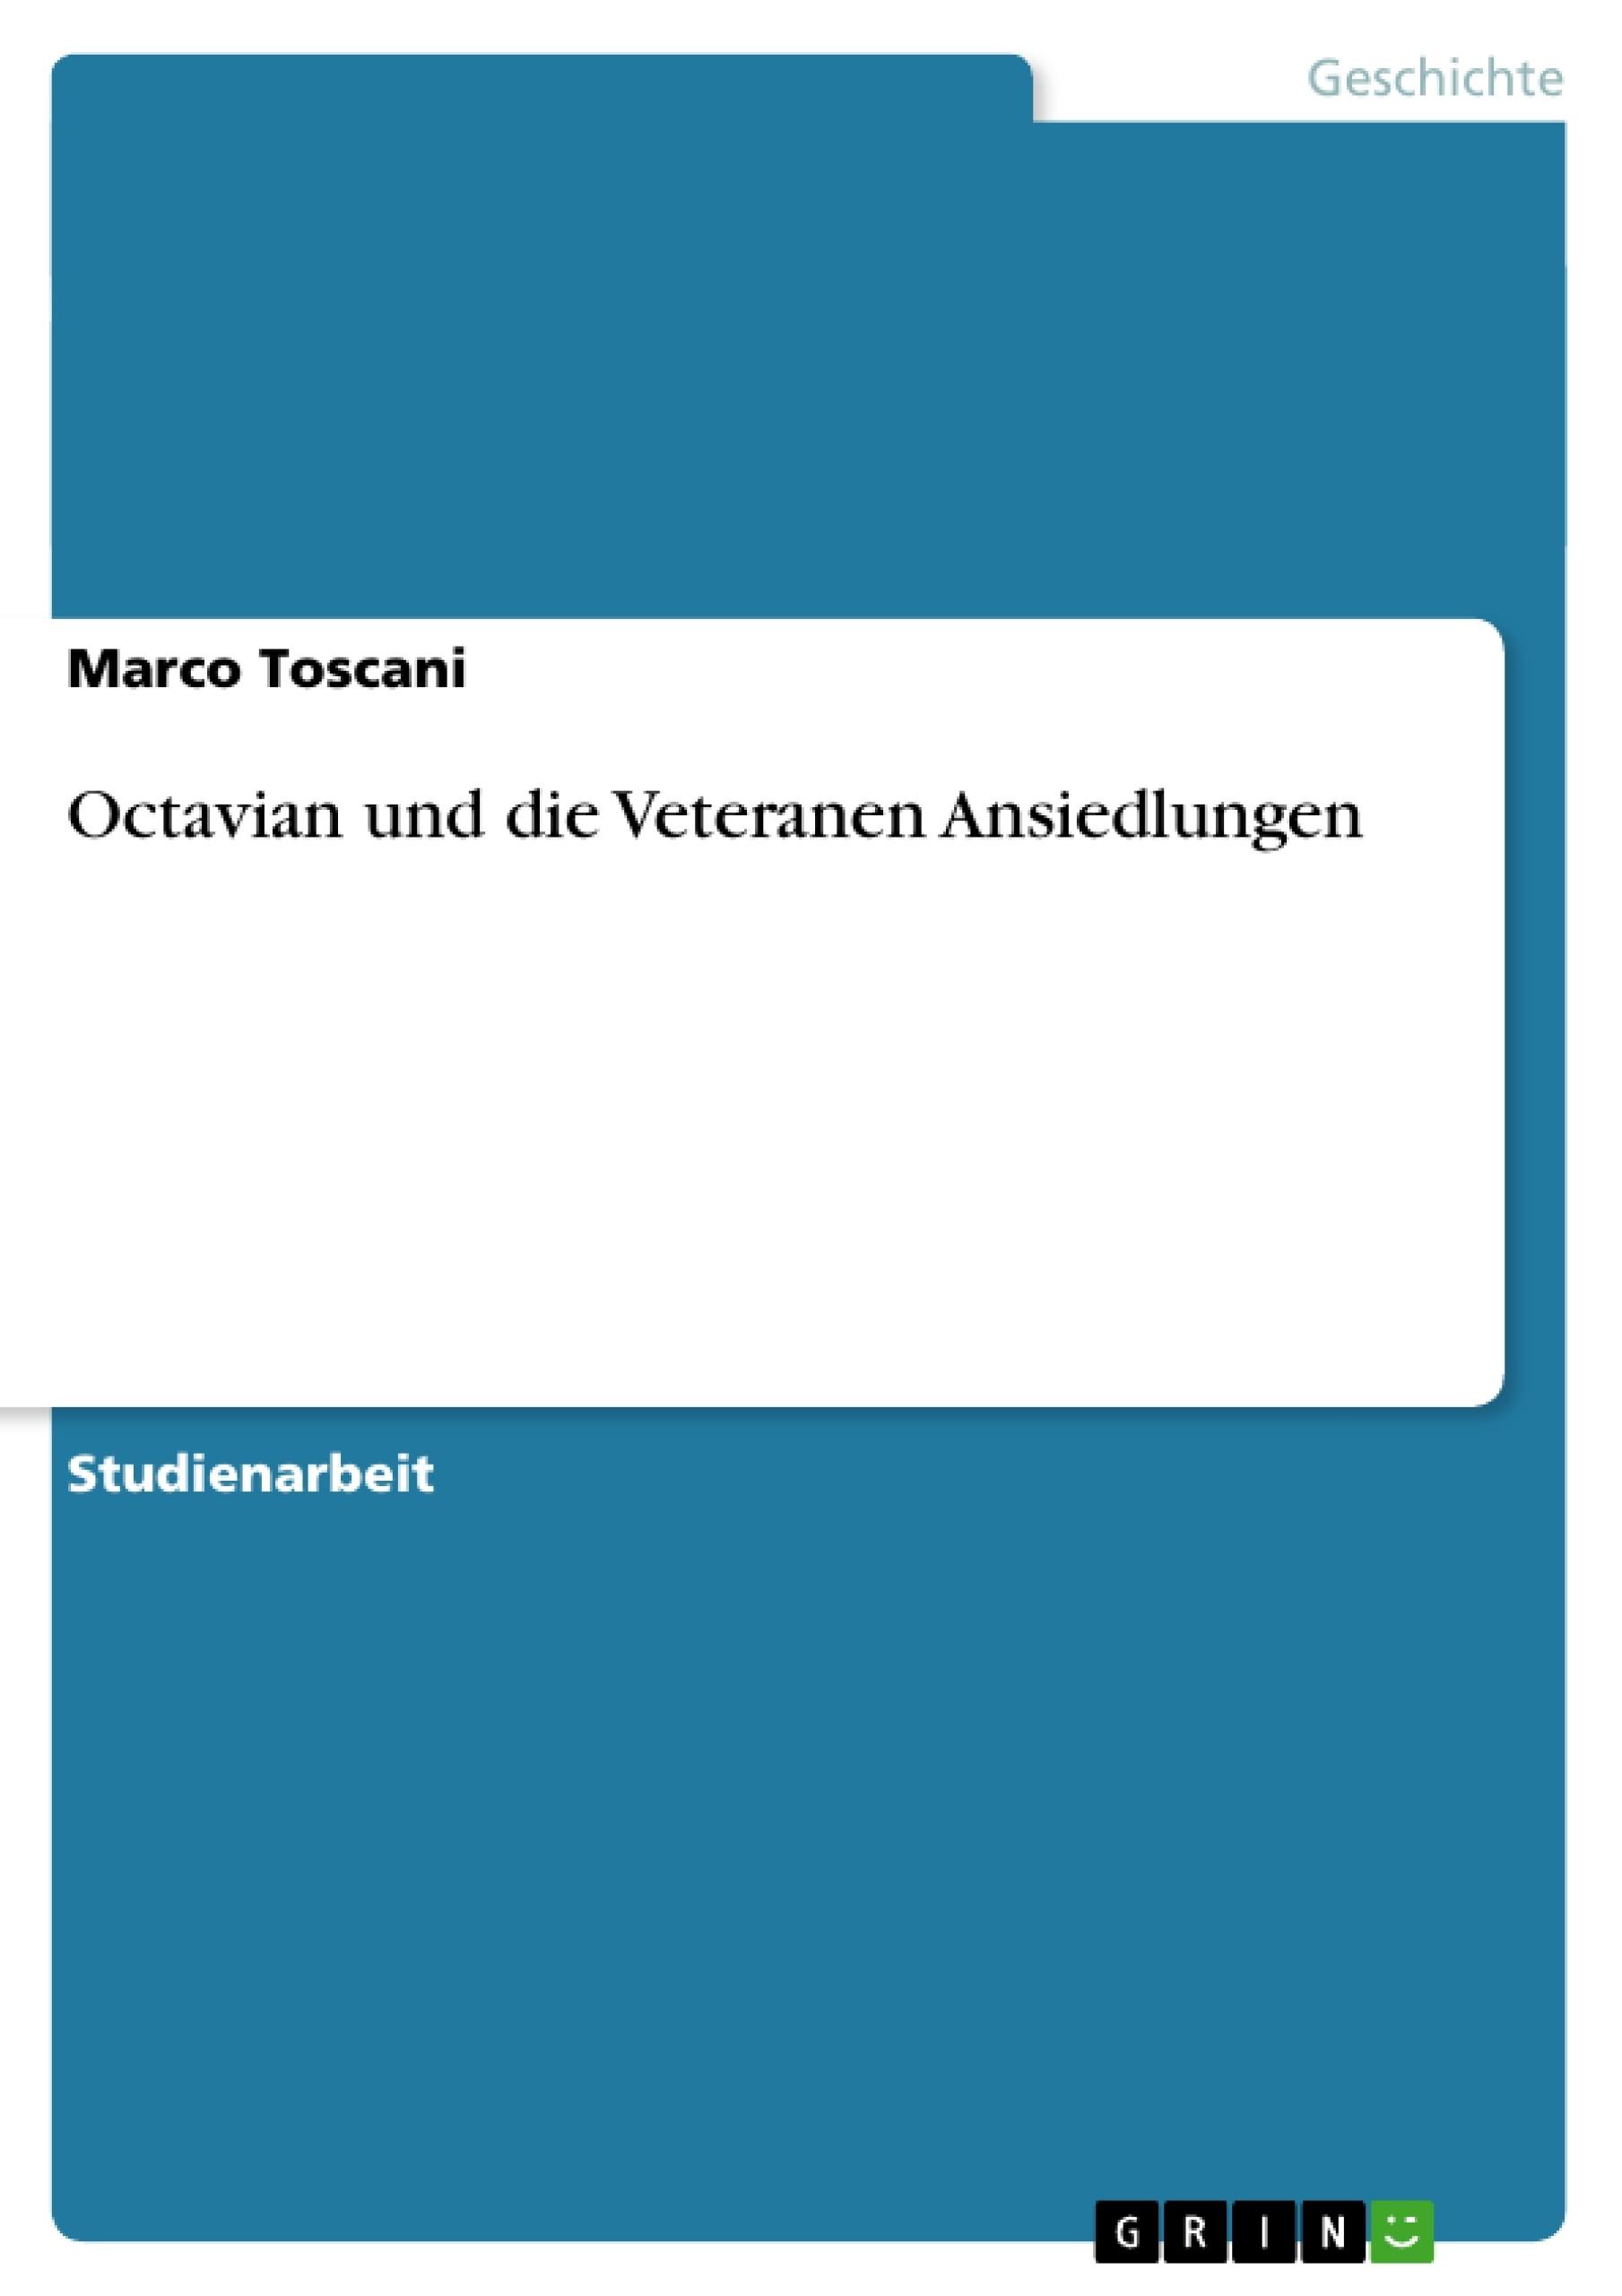 Titel: Octavian und die Veteranen Ansiedlungen